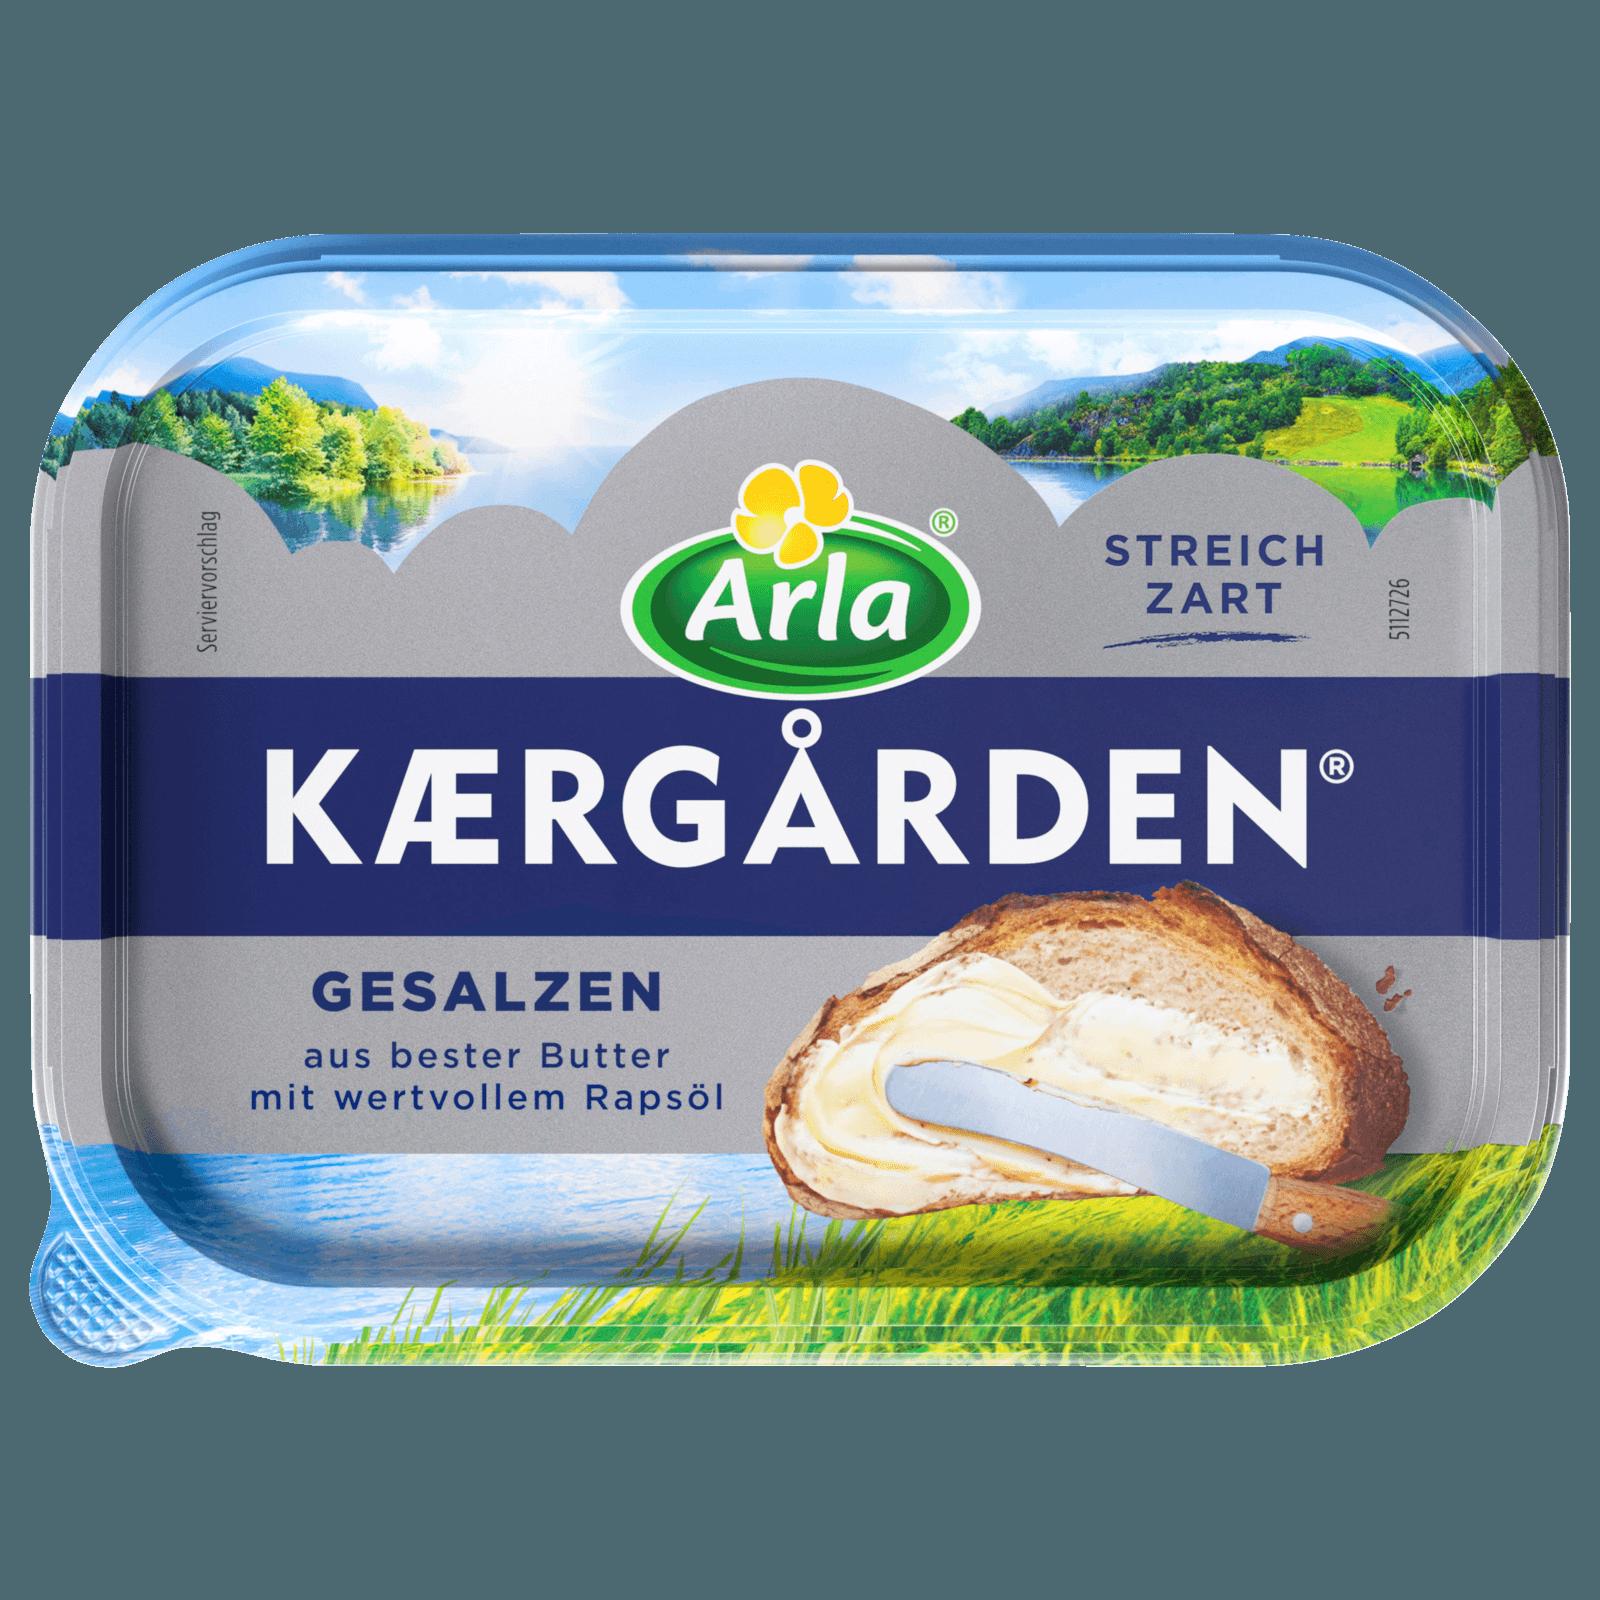 Arla Kaergården gesalzen 250g